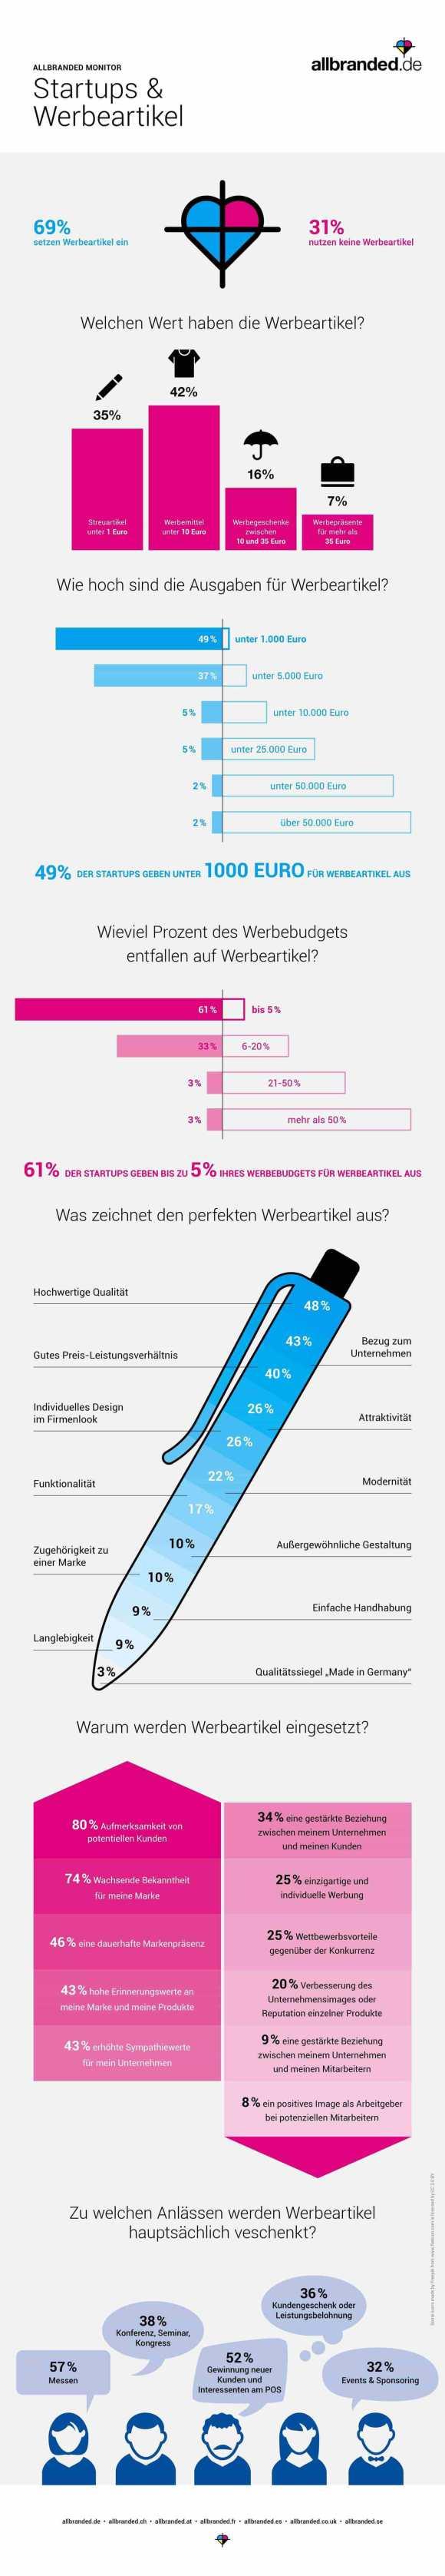 allbranded-Monitor-Startups-und-Werbeartikel-1